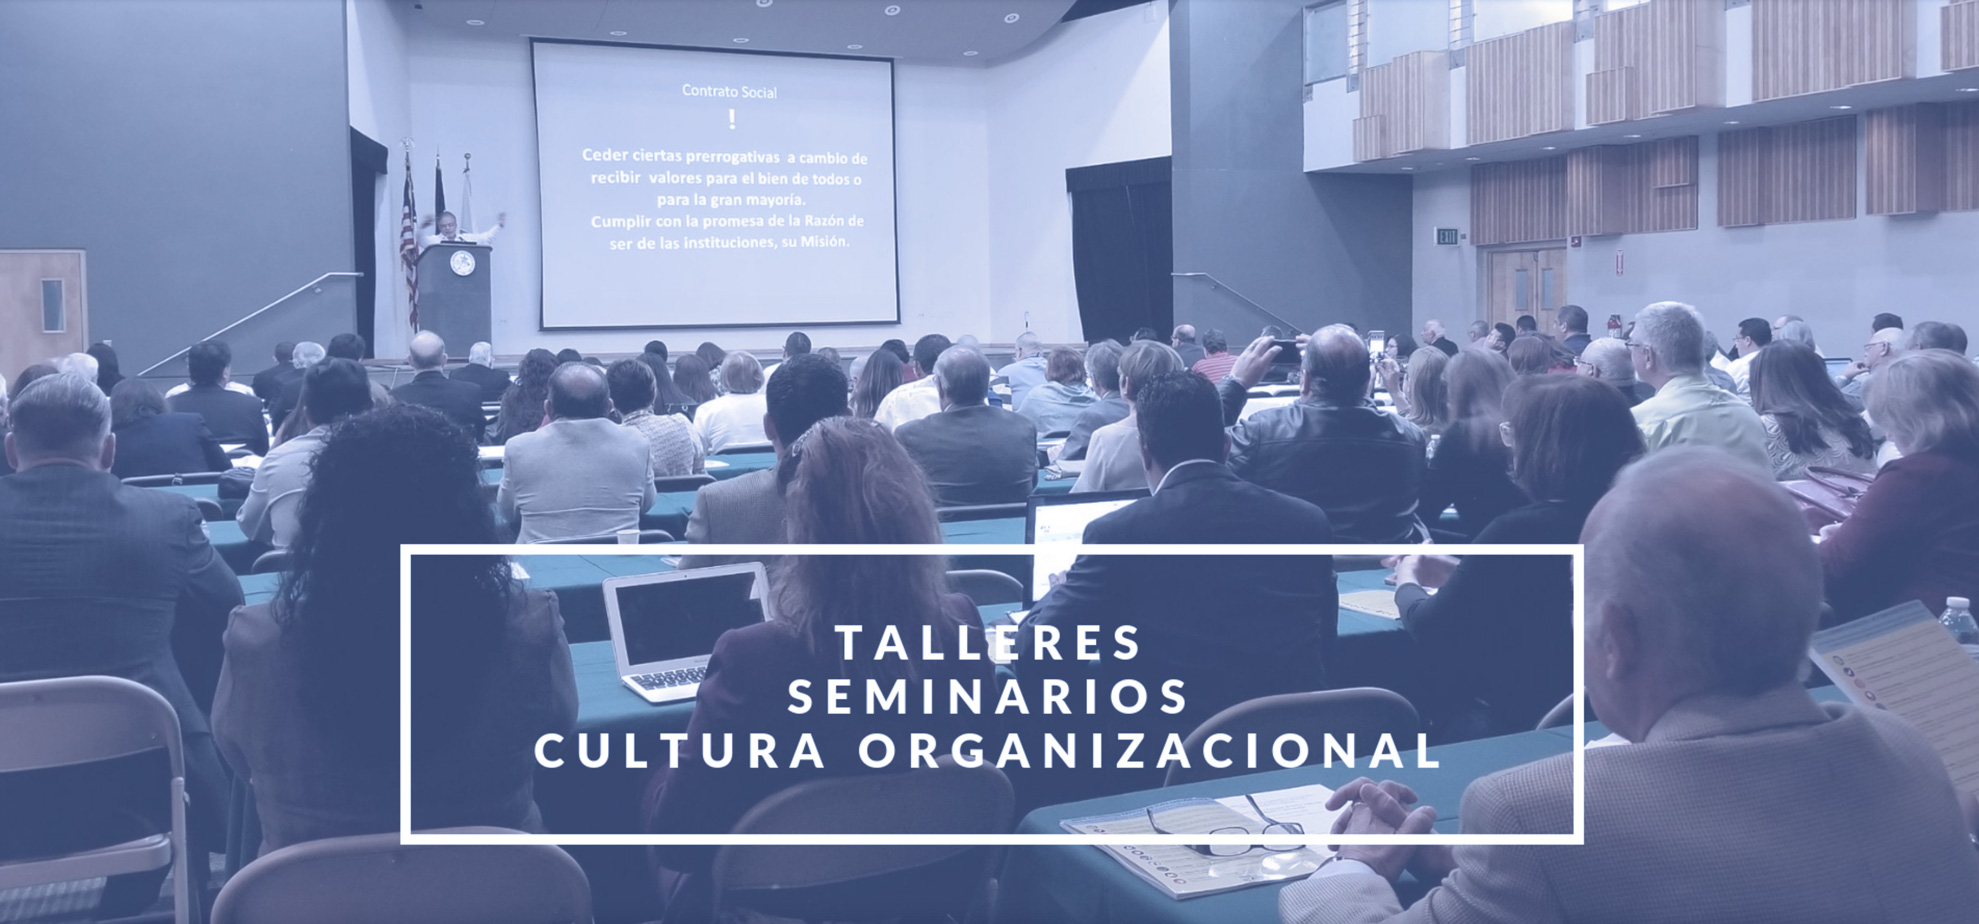 Imagen talleres, seminarios, cultura organizacional